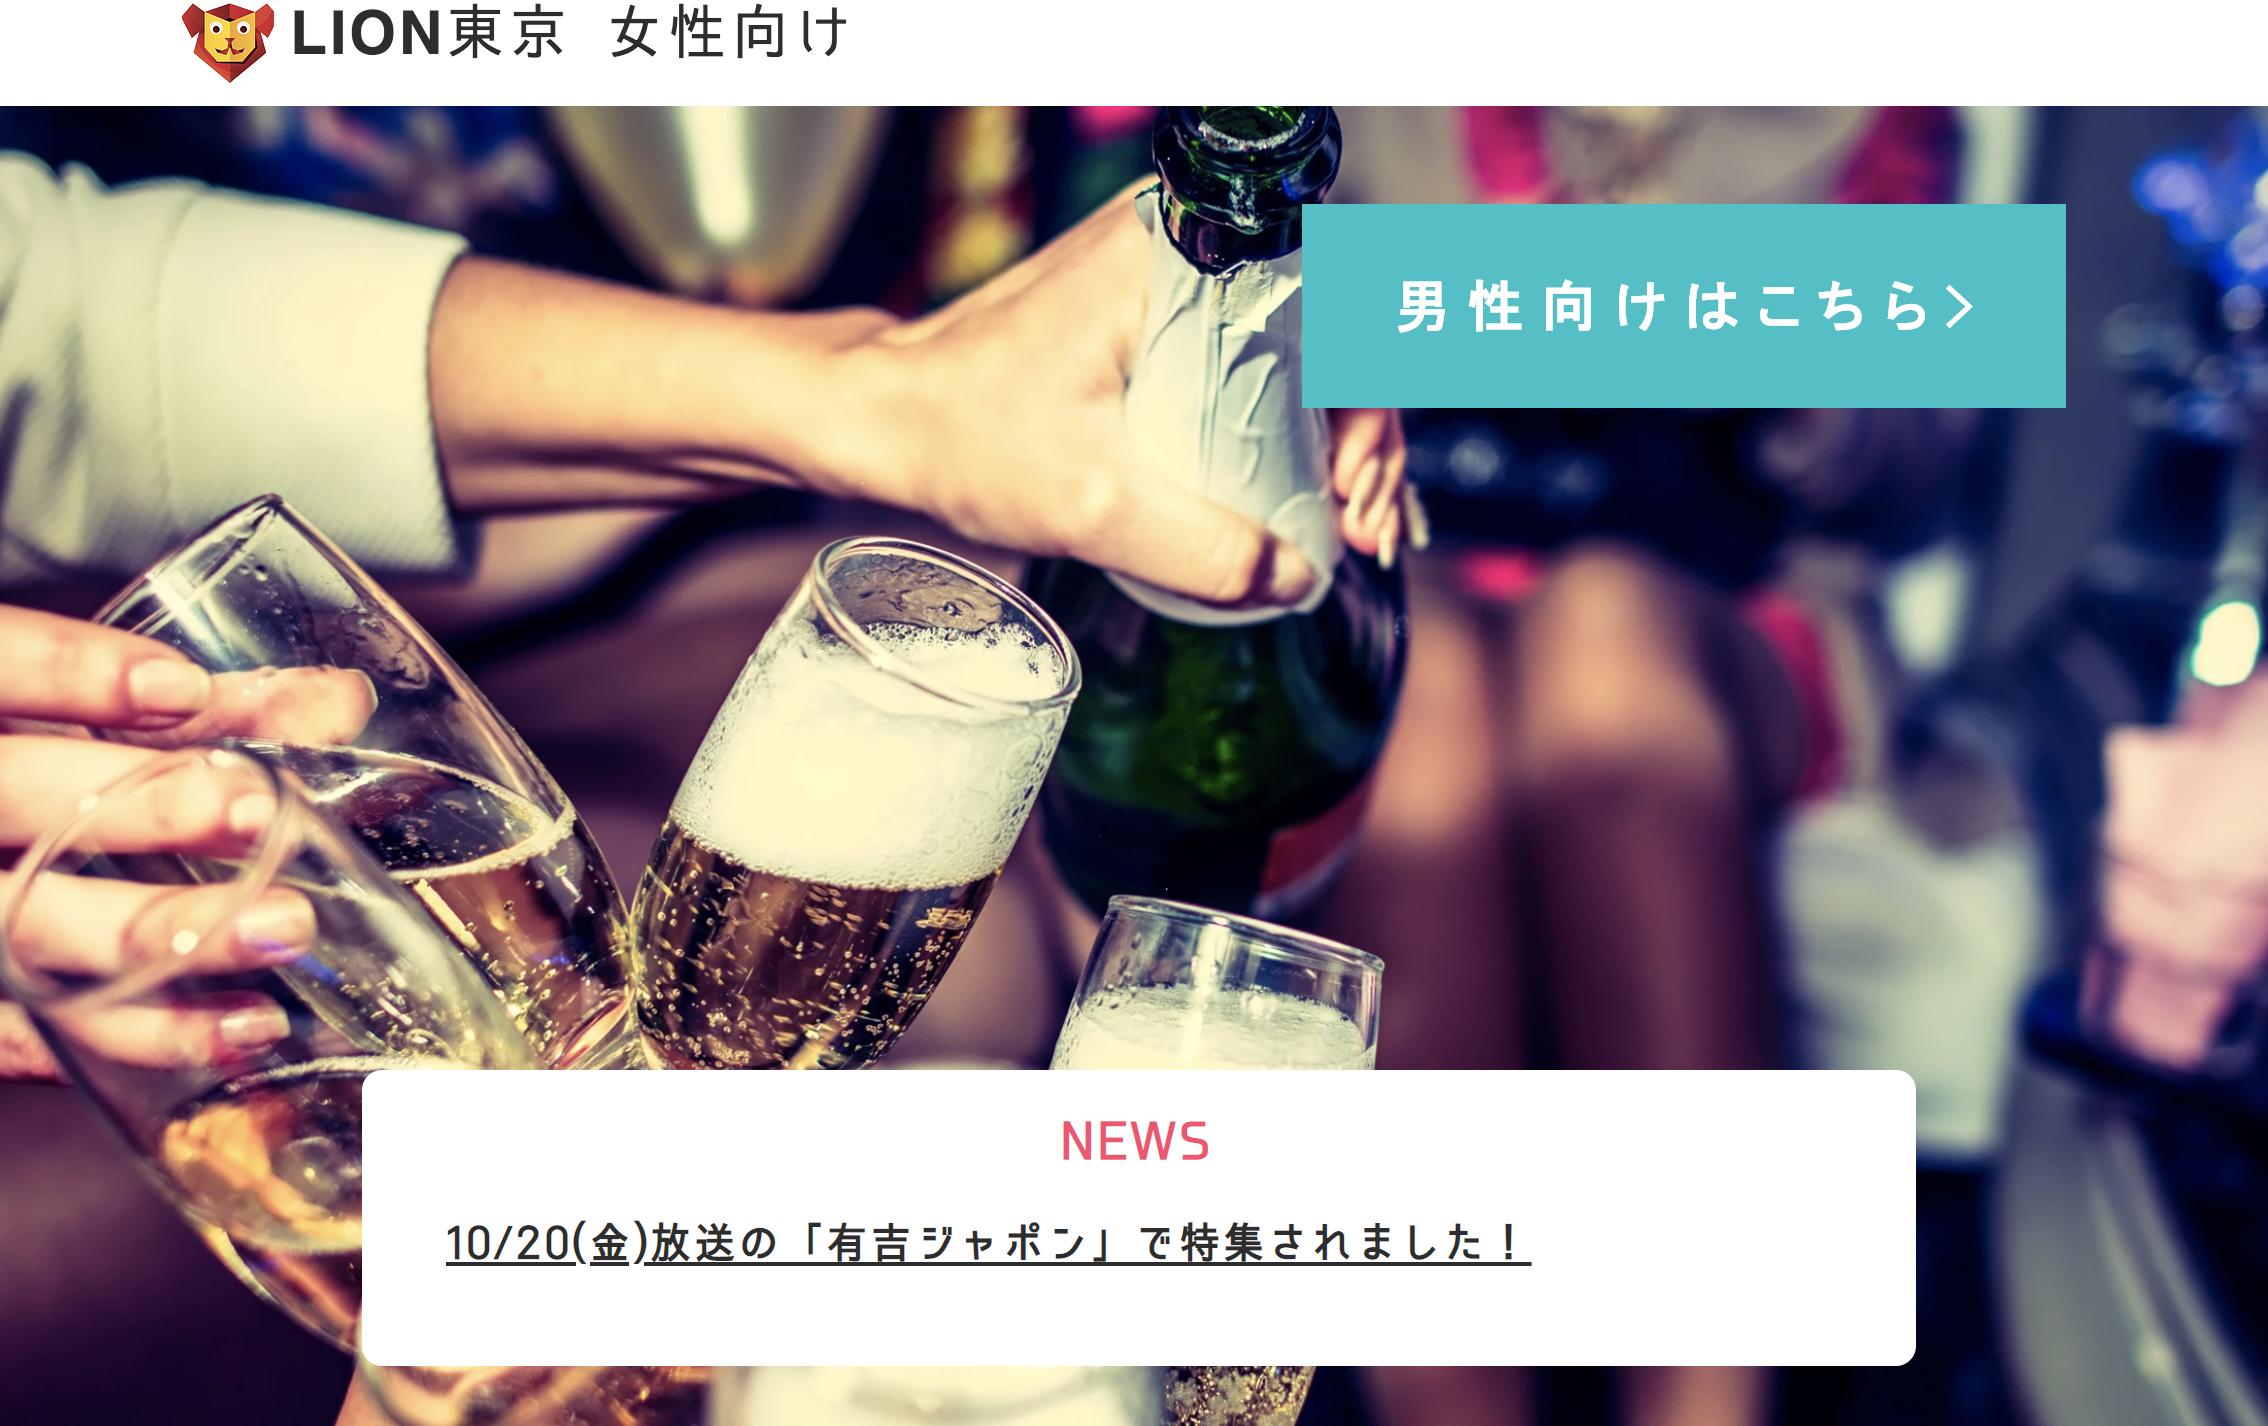 ギャラ飲み アプリ サイト LION(ライオン)